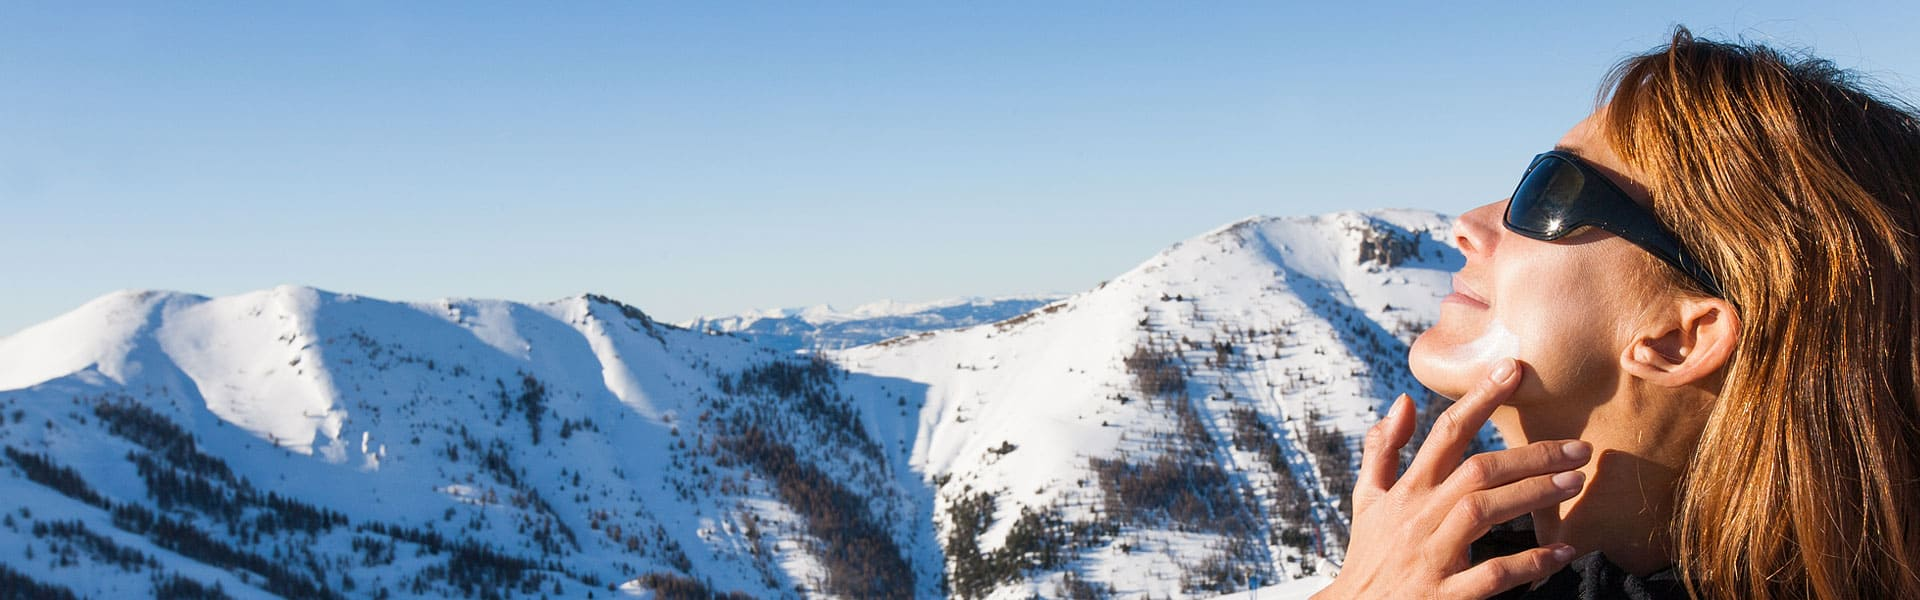 Checkliste Skiurlaub - Effektiver Sonnenschutz